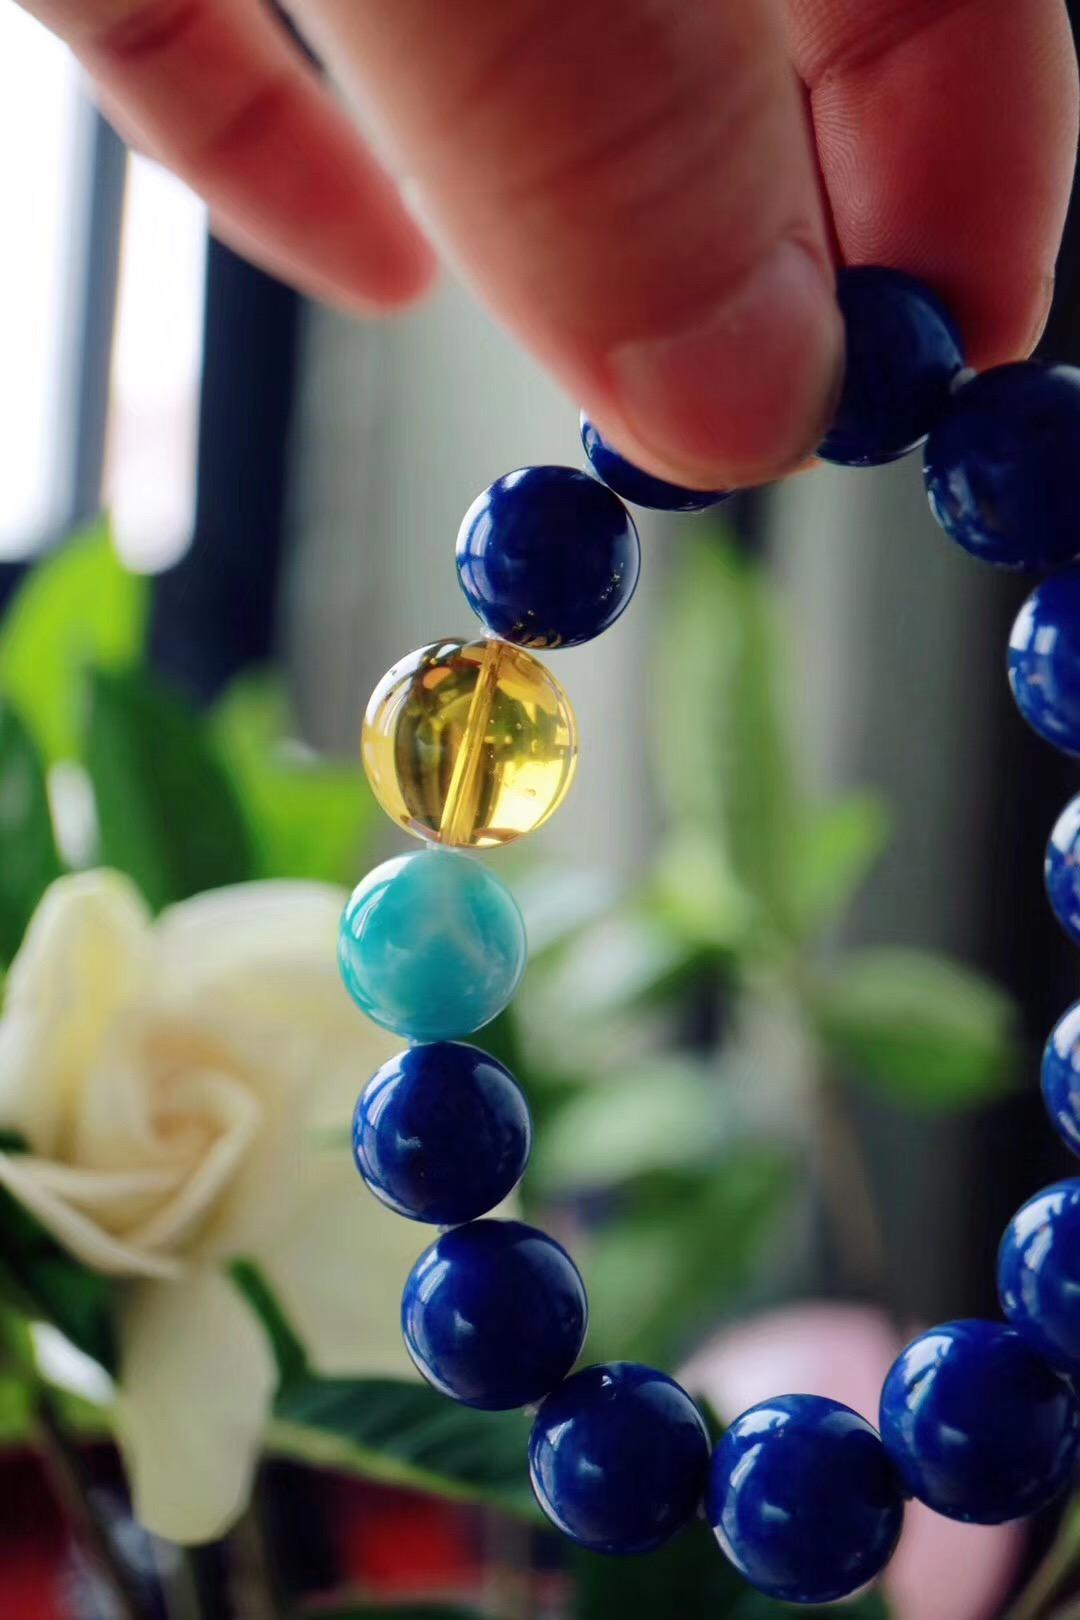 【菩心老矿青金石 | 虫珀】夏日里有助于静心的一款设计-菩心晶舍